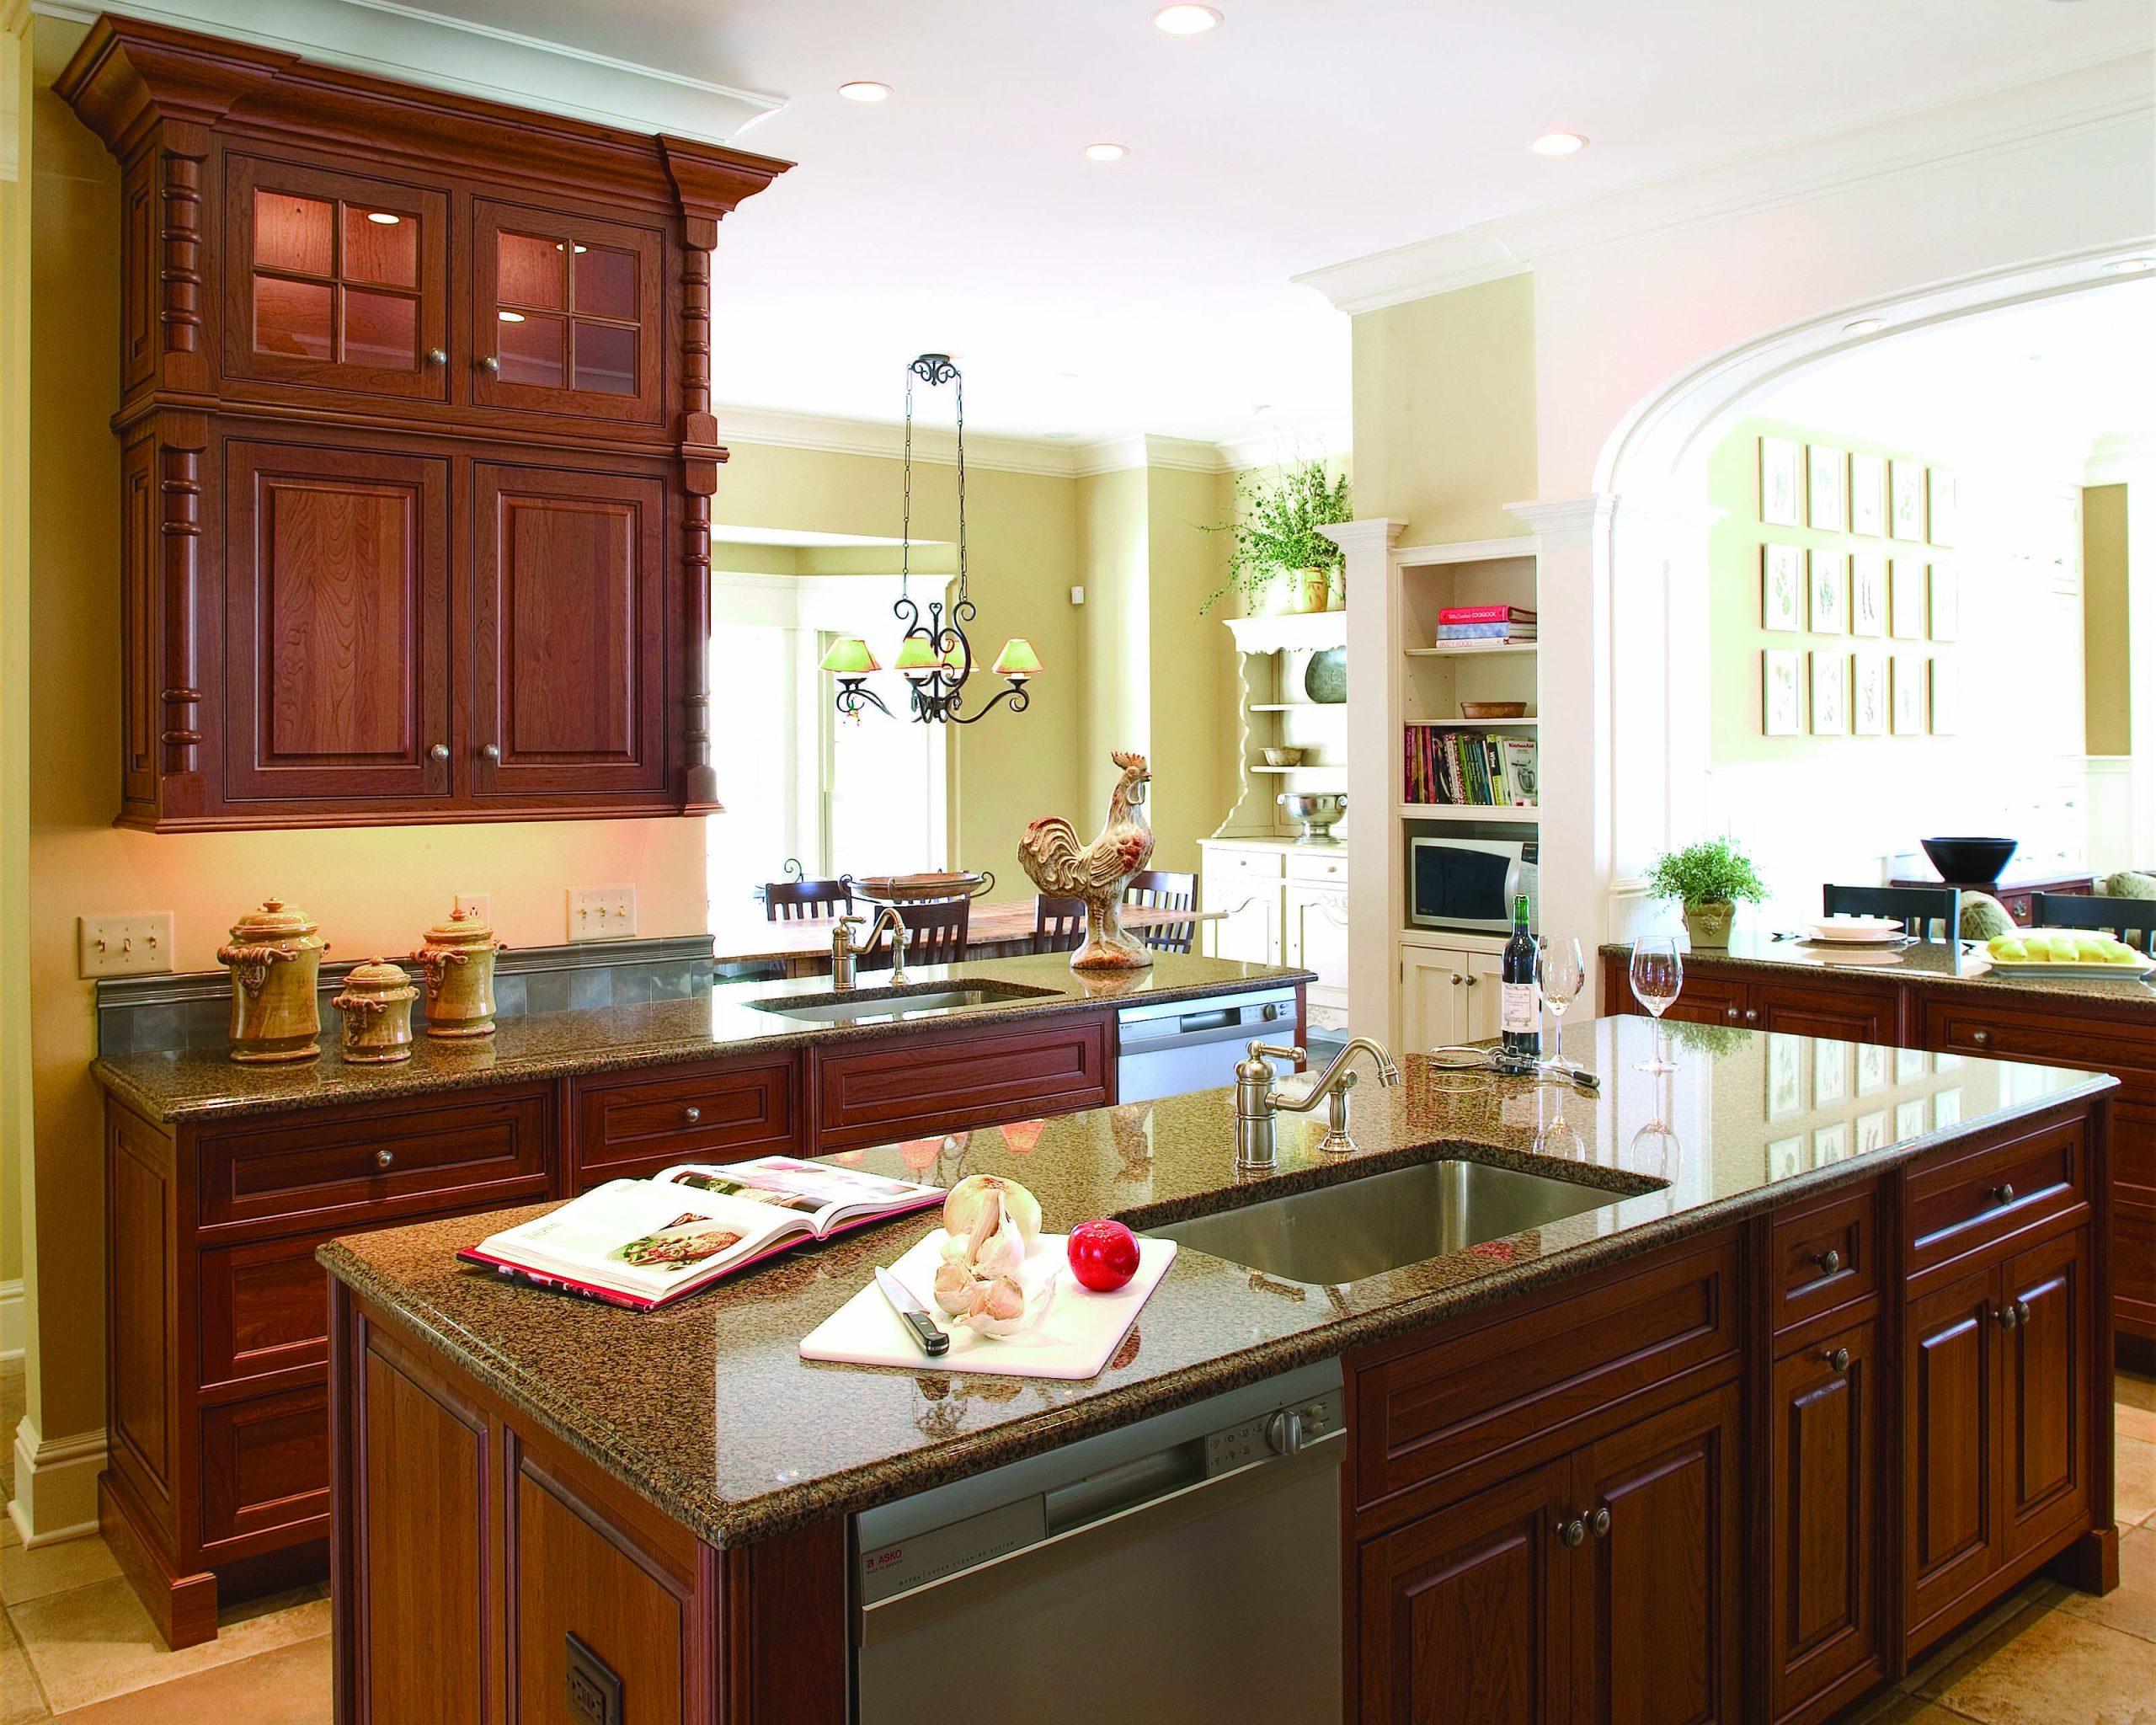 Sproviero Kitchen 4 CMYK for Mac